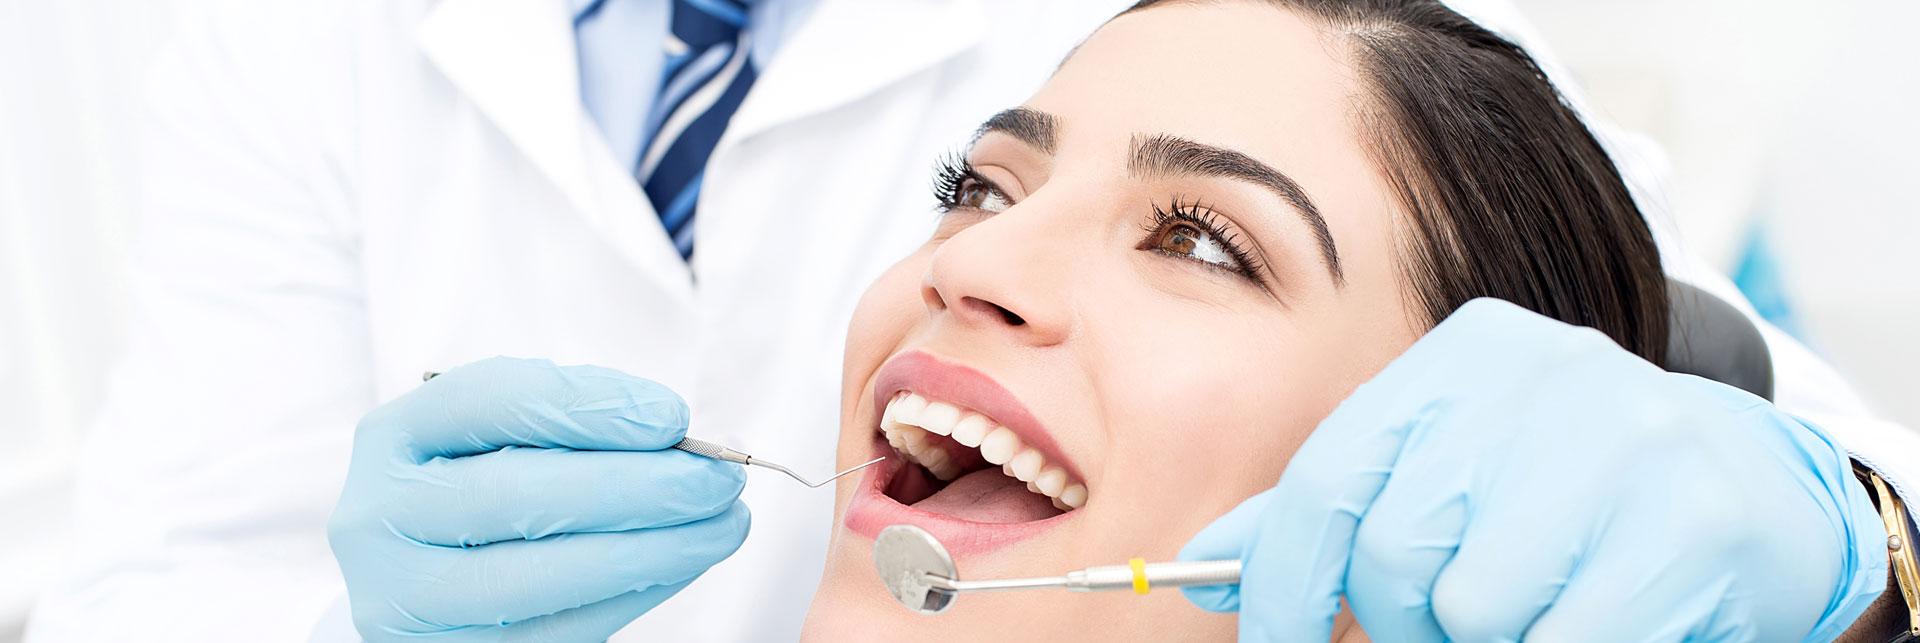 A dentist doing gum disease treatment